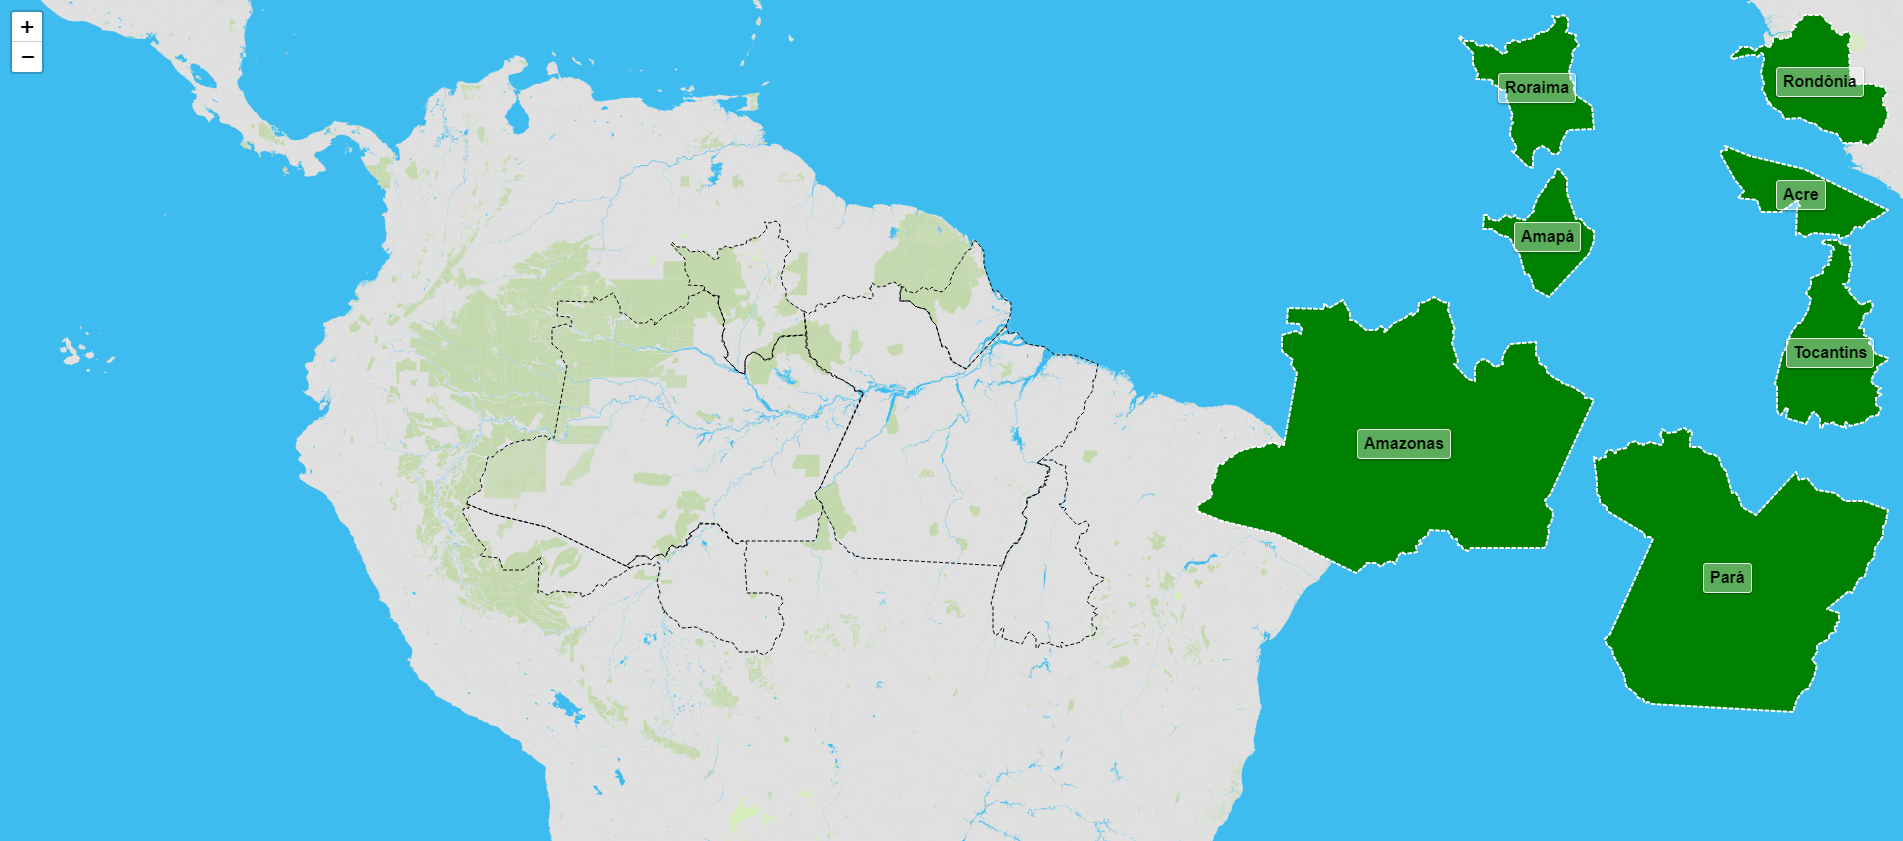 Estados de la región norte de Brasil